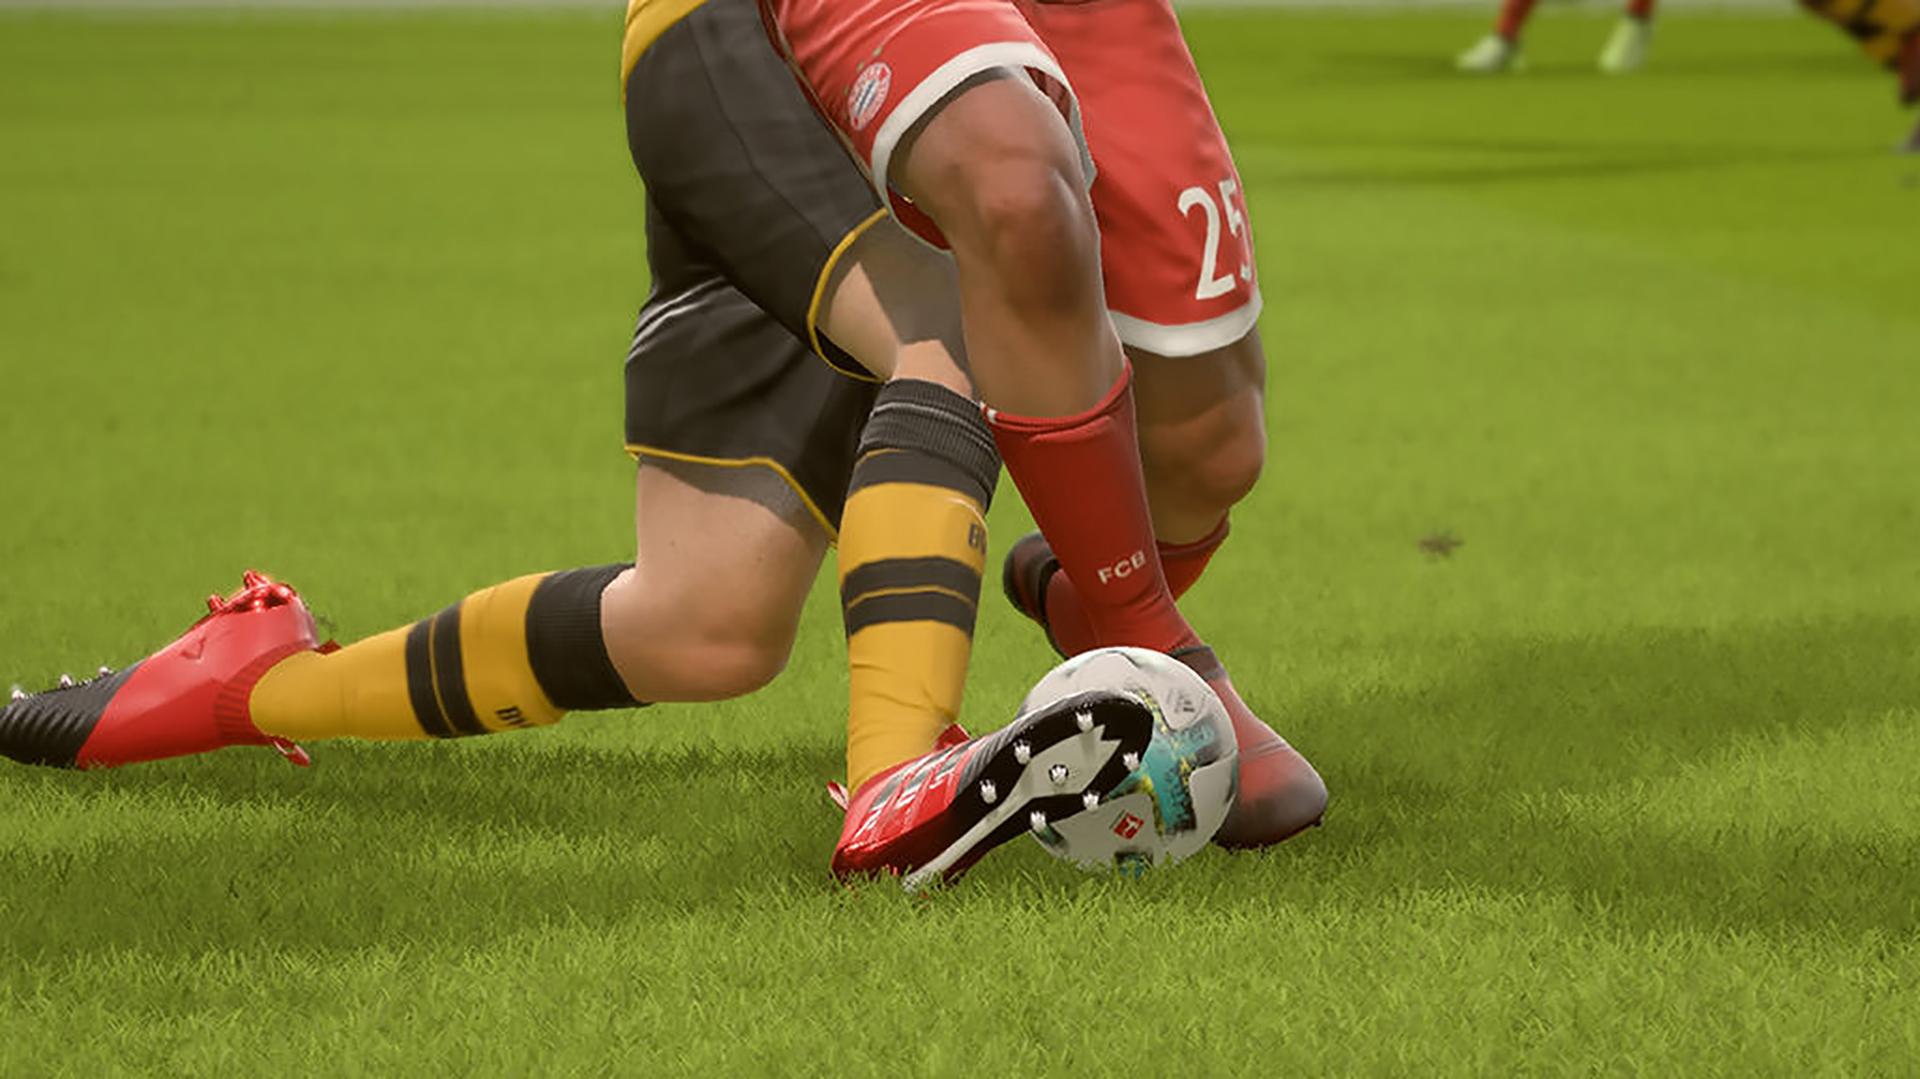 Tackling FIFA 19